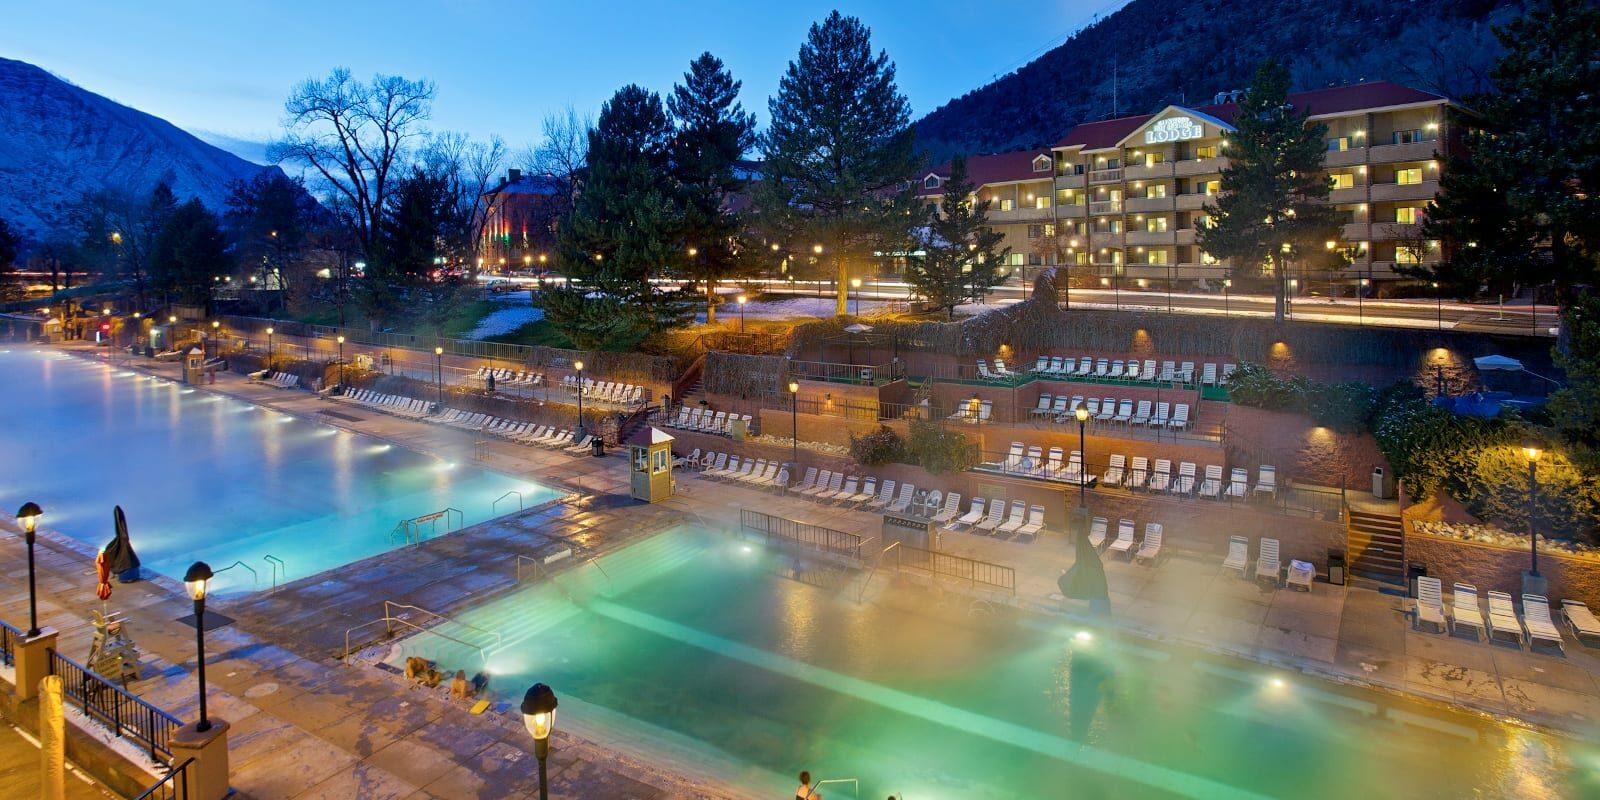 Glenwood Springs Hot Springs Pools Night Colorado